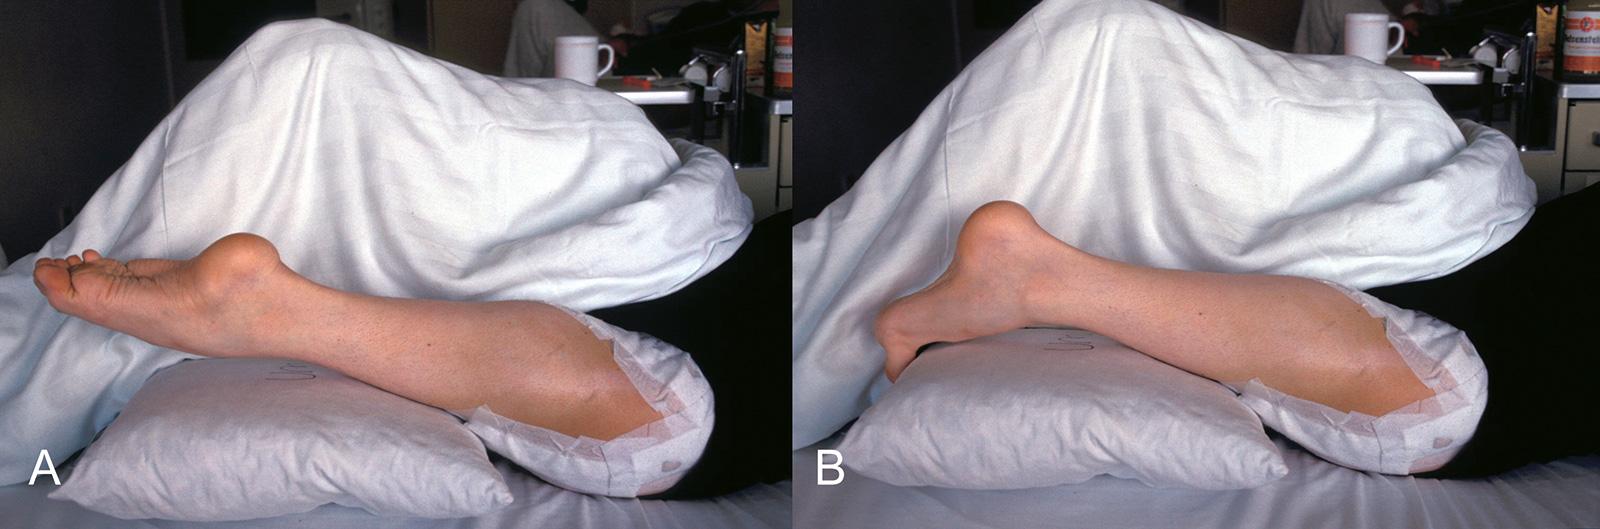 Abb. 8-10: Nach einer Umkehrplastik fungiert das Sprunggelenk als Kniegelenk (A-B)